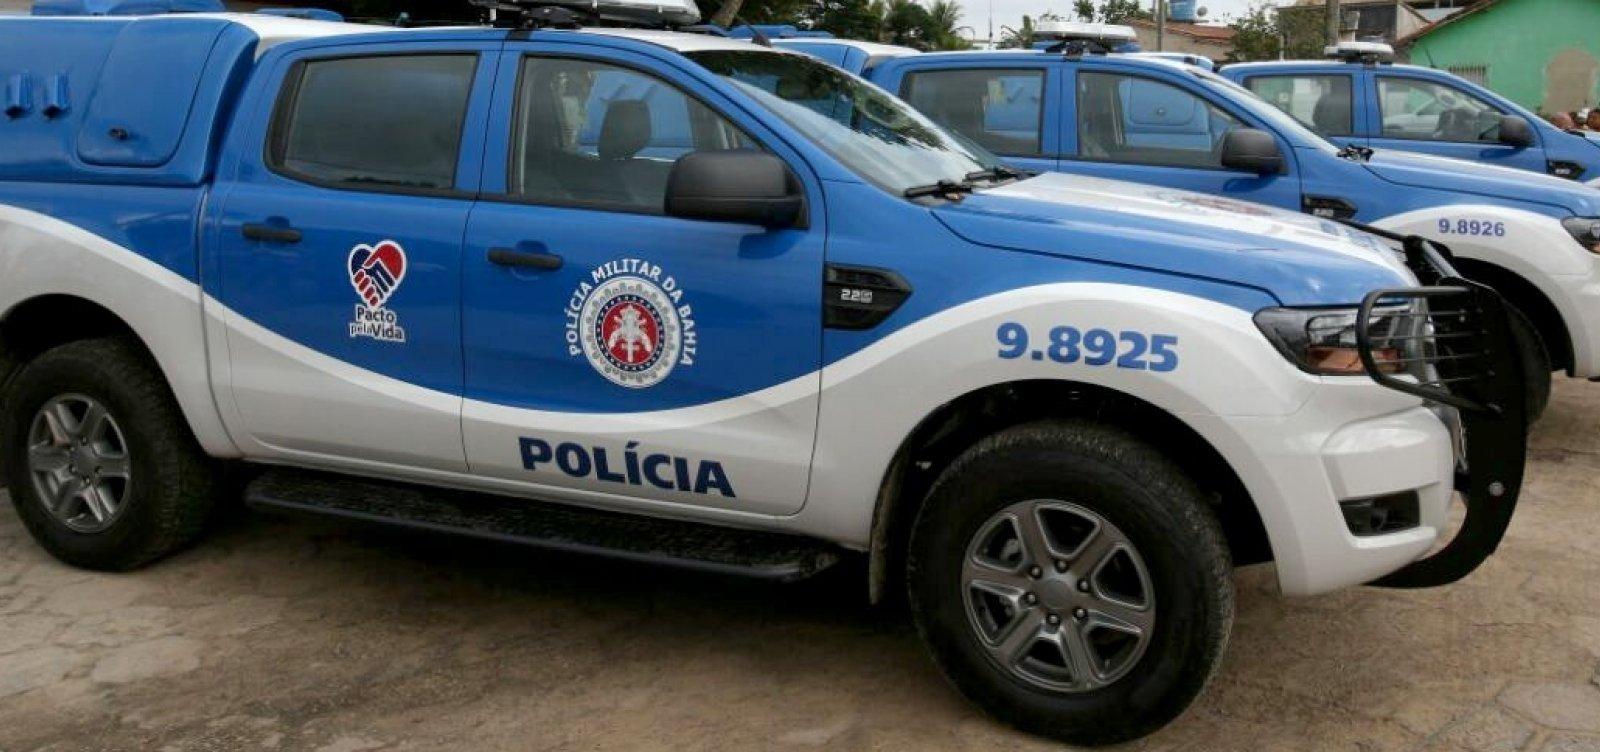 Domingo teve um homicídio a cada duas horas em Salvador e RMS